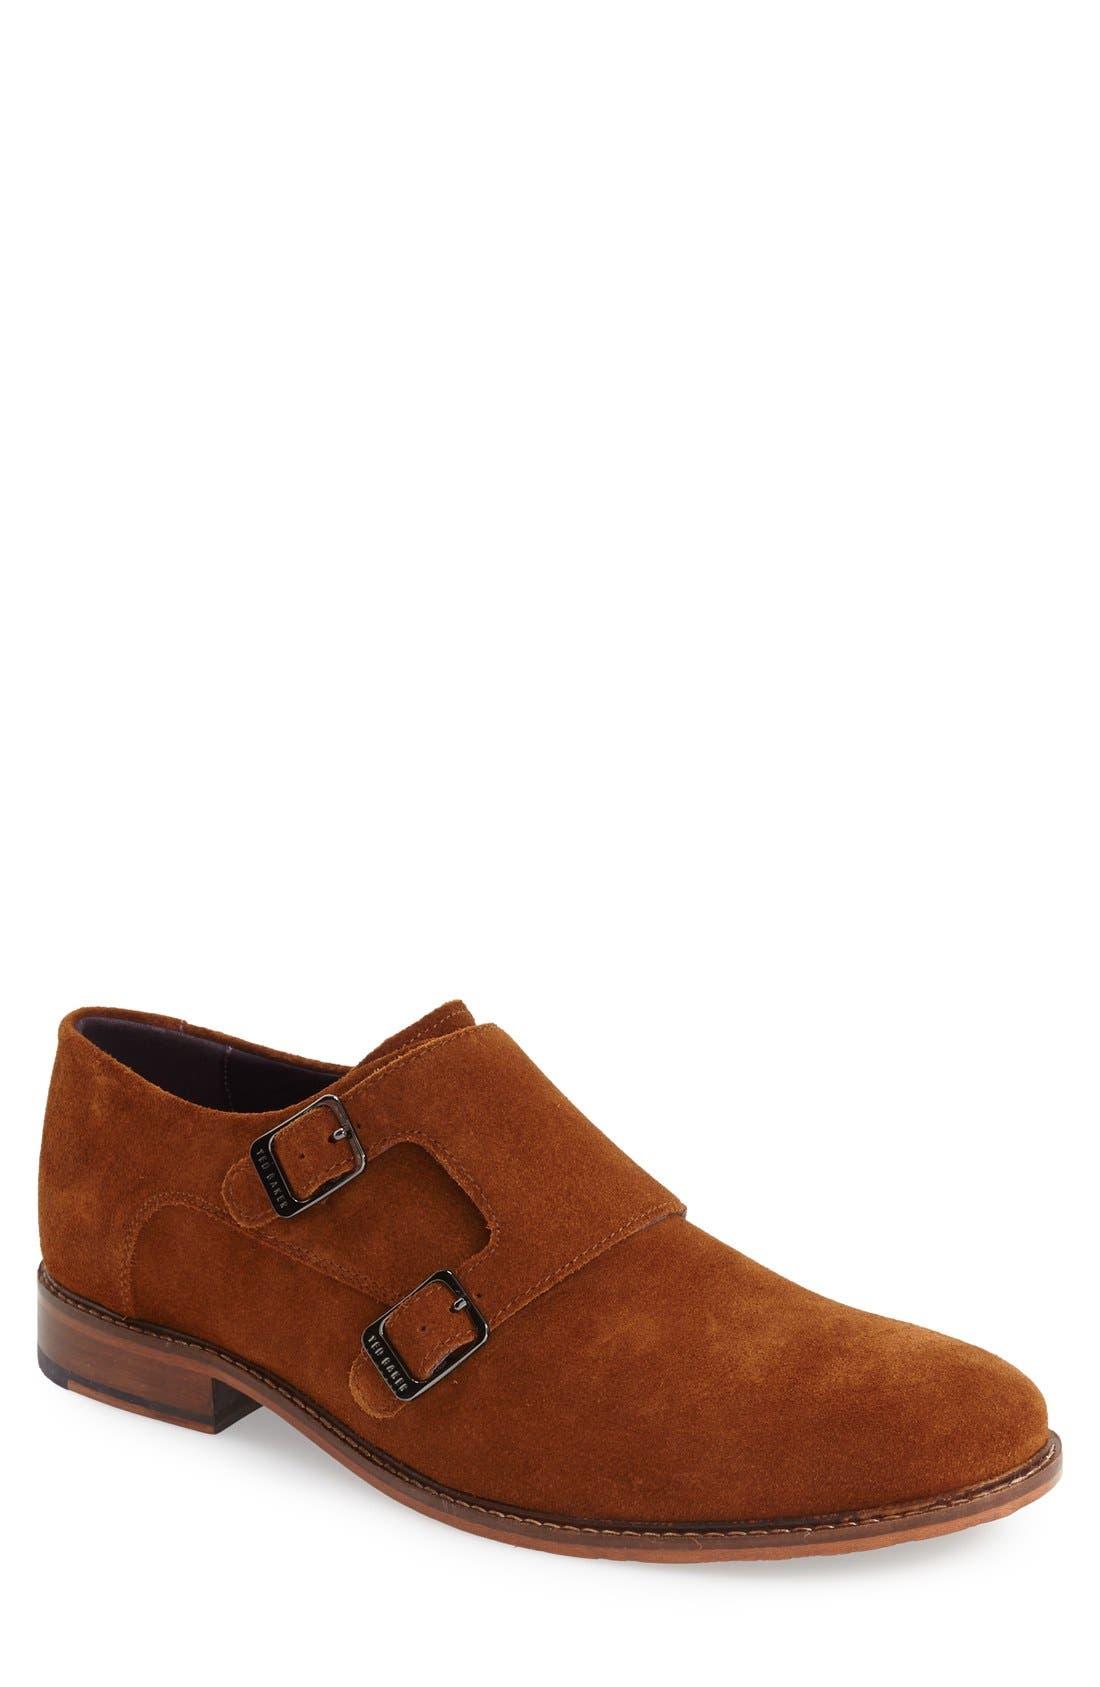 'Kartor 3' Double Monk Strap Shoe,                             Main thumbnail 2, color,